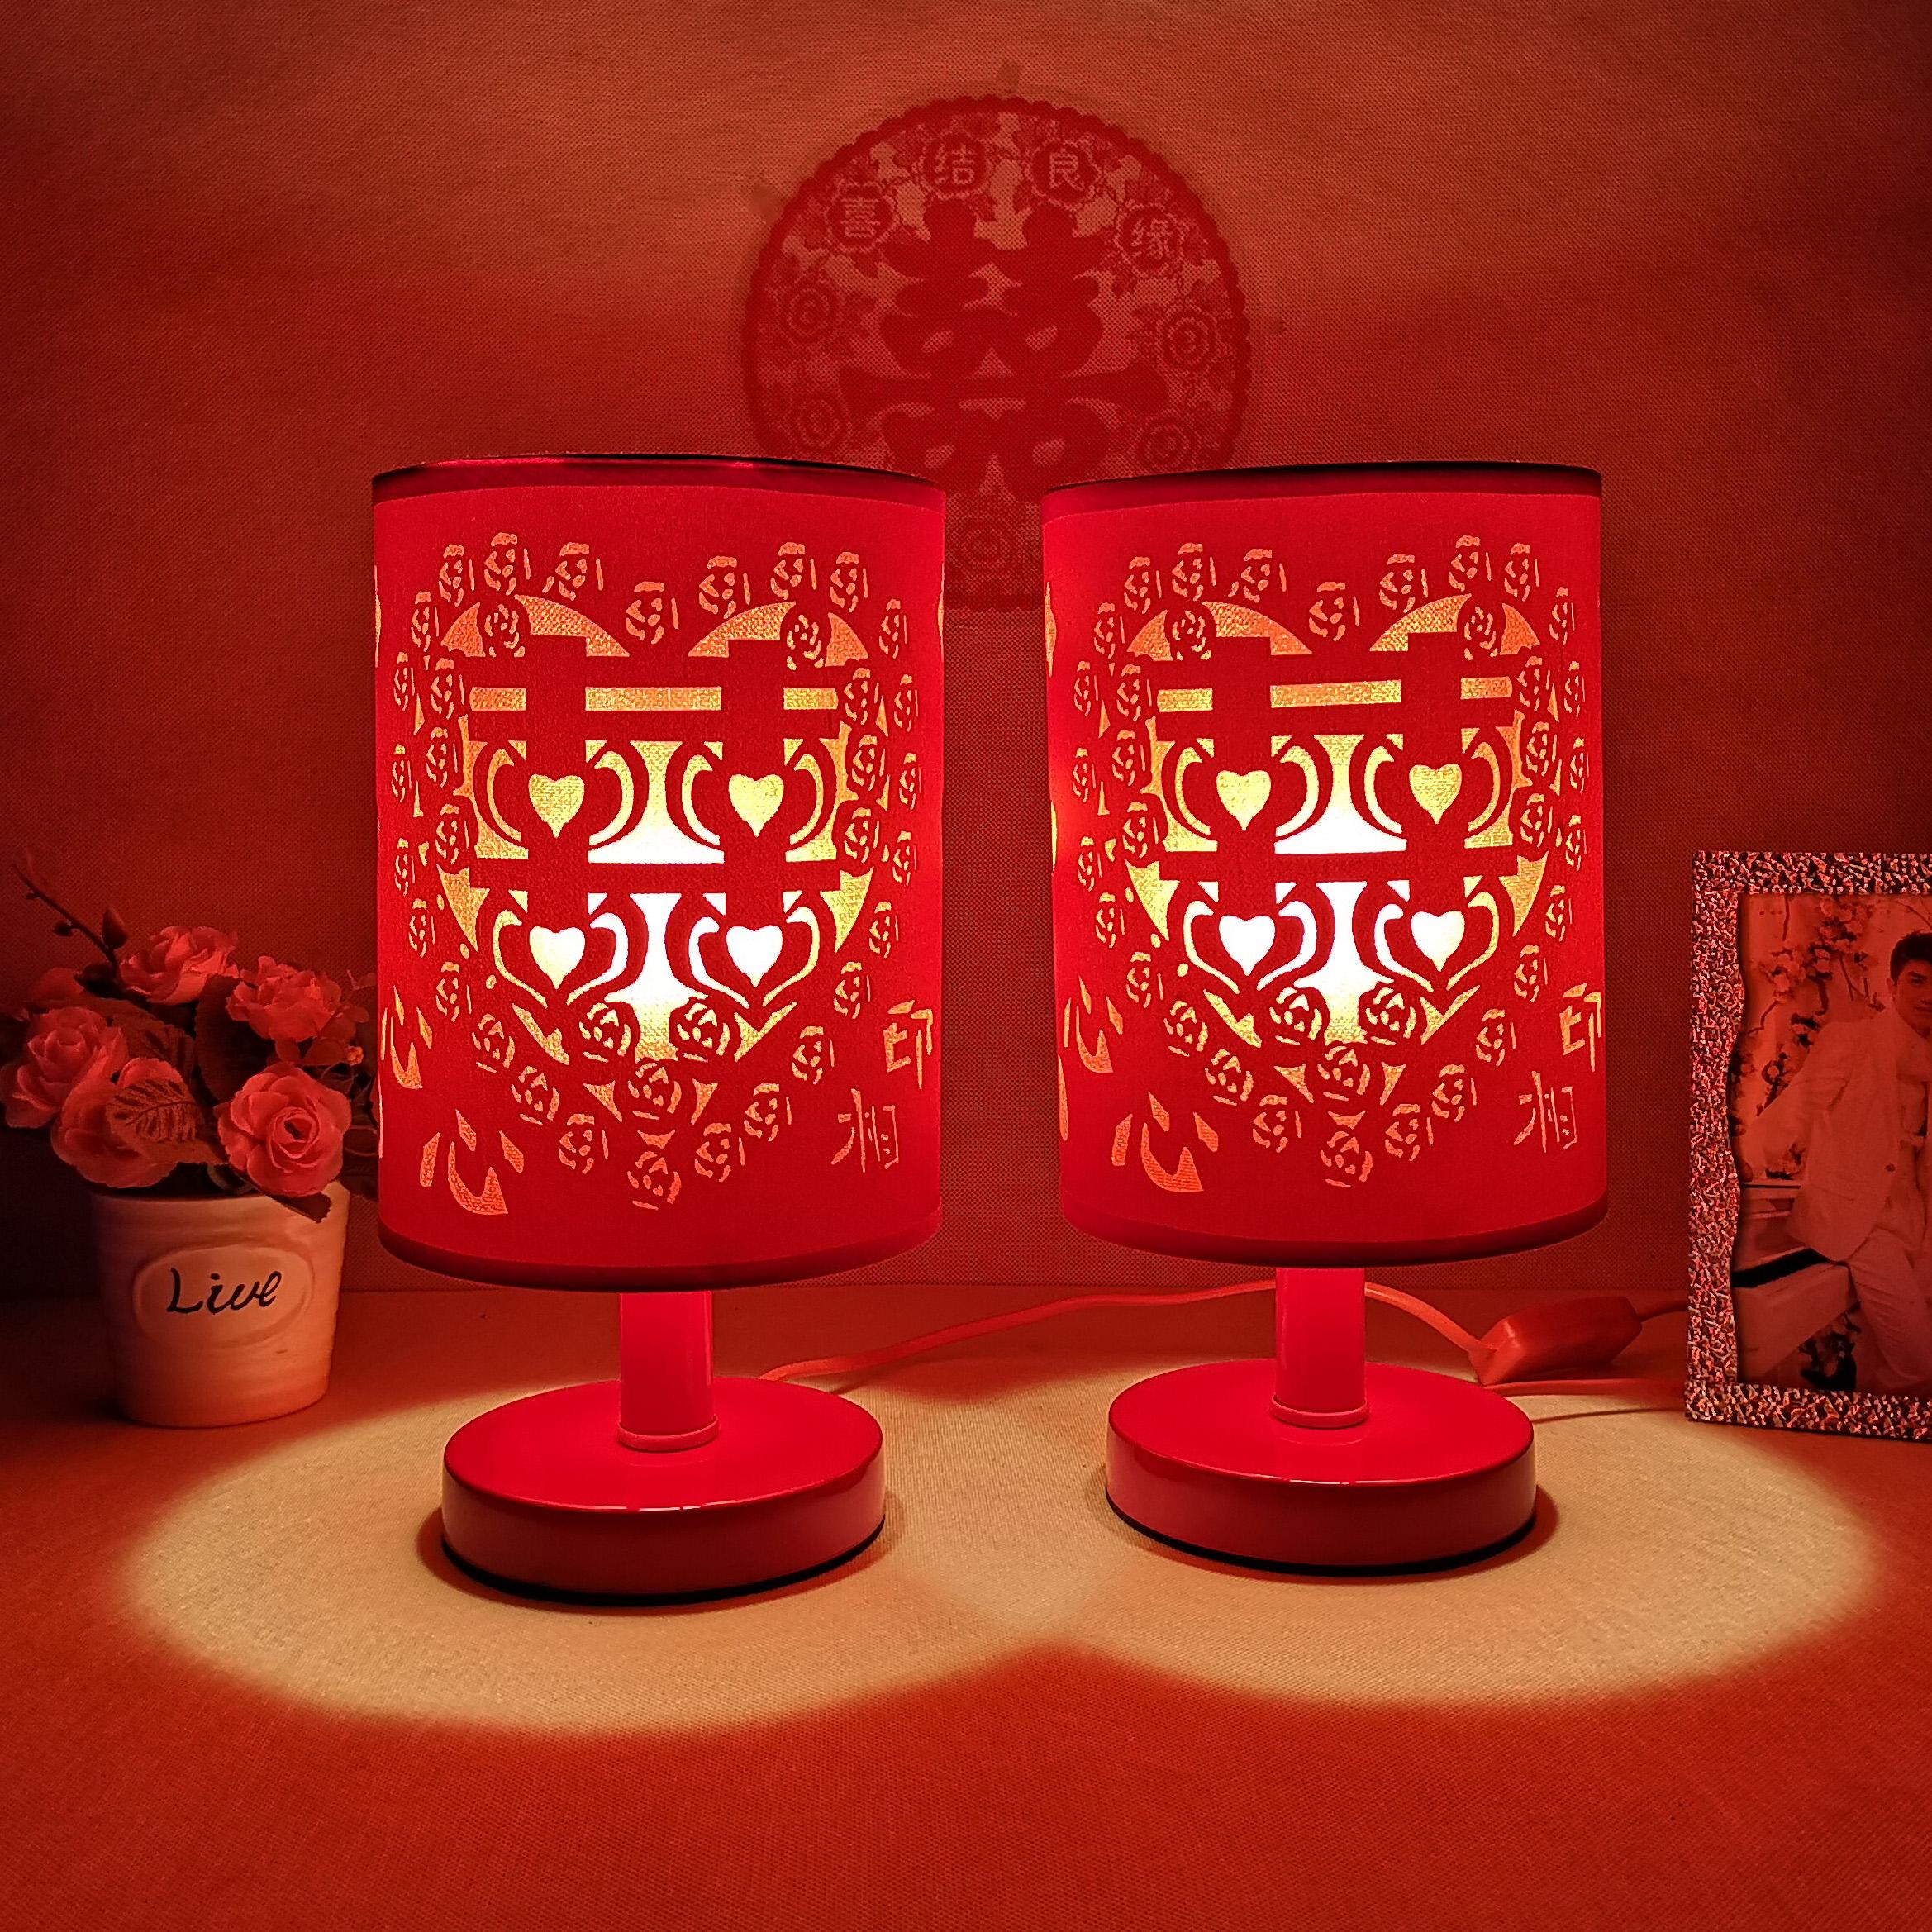 简约双喜结婚台灯卧室床头灯浪漫婚房装饰灯红色一对庆婚灯长明灯券后29.00元